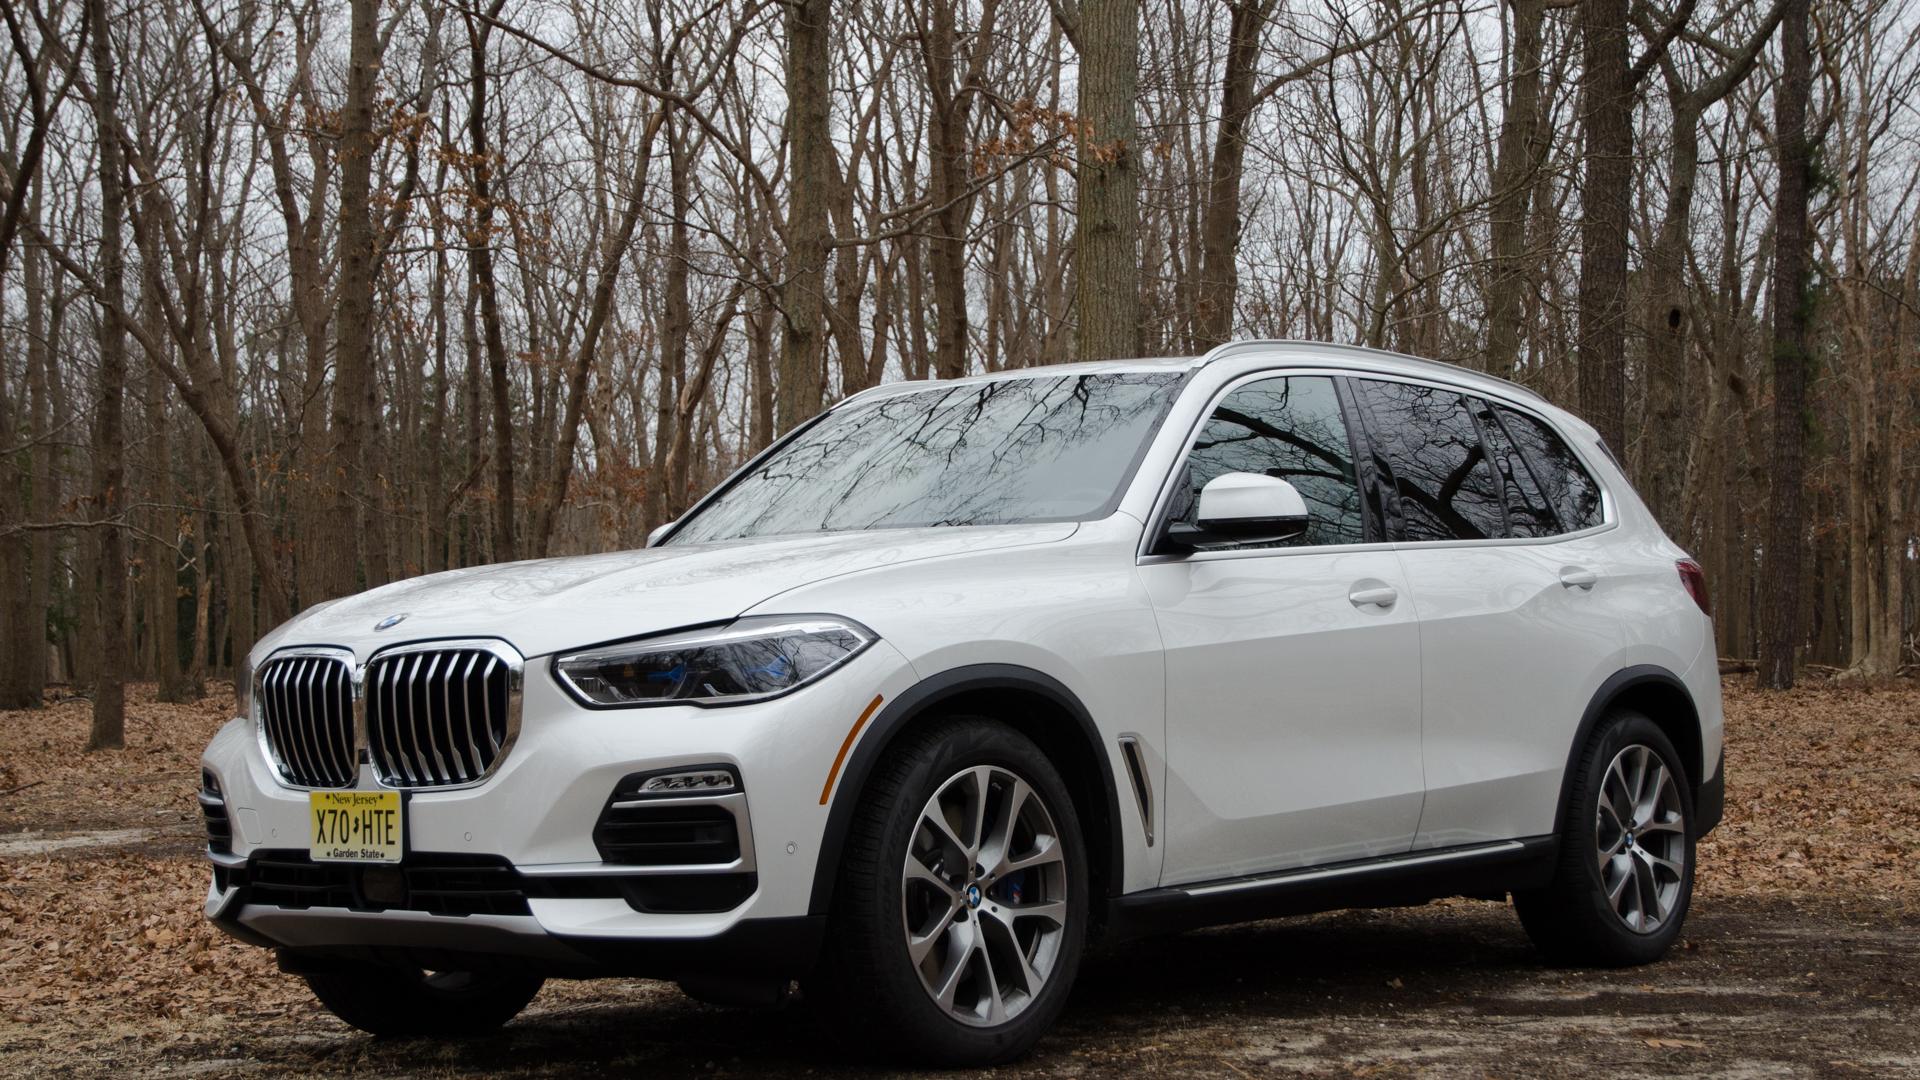 2019 BMW X5 xDrive40i E53 X5 Comparison 1 of 2